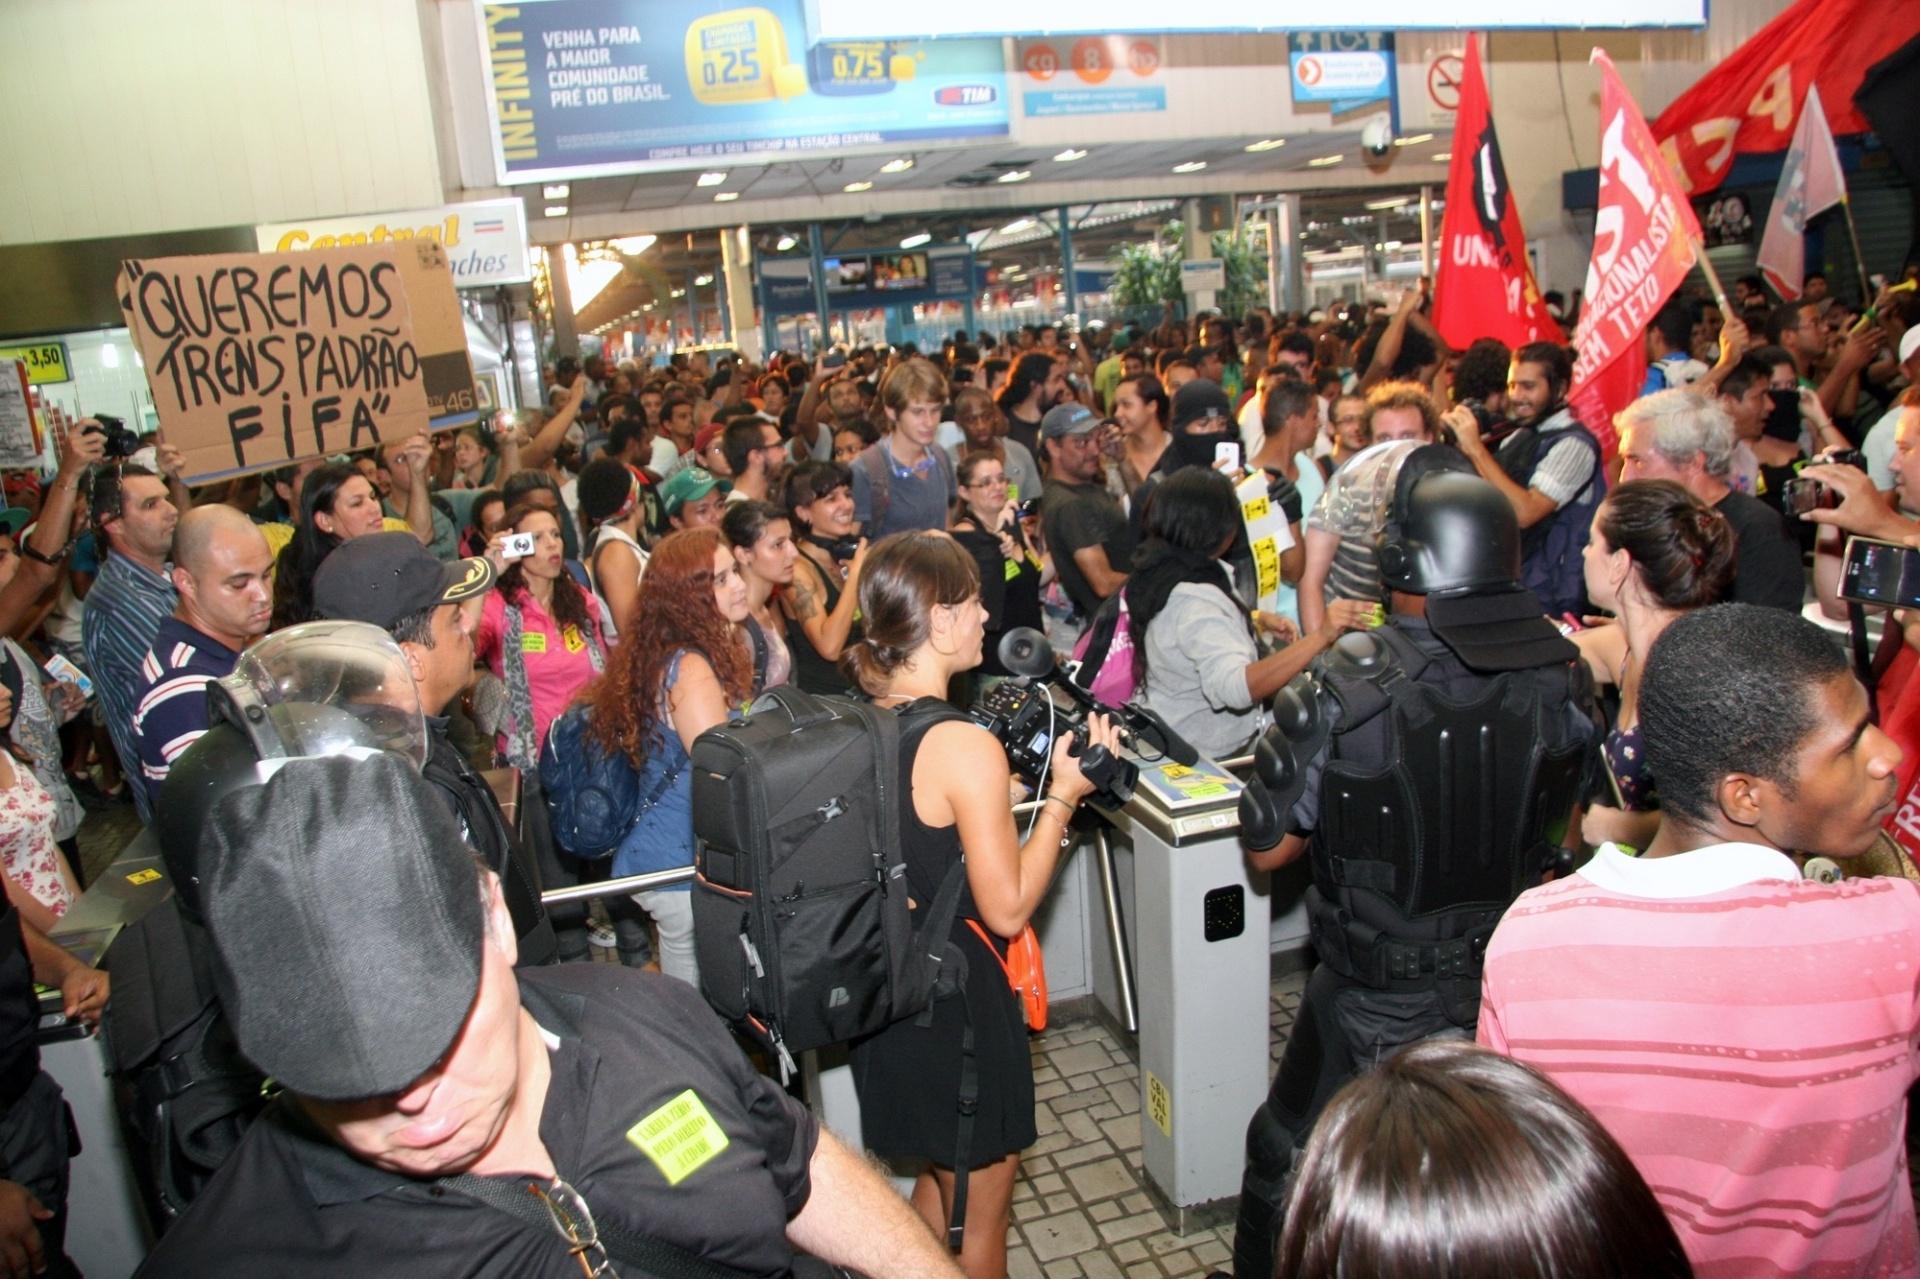 28.jan.2014 - Manifestantes invadiram a estação de trens da Central do Brasil, no centro do Rio de Janeiro, nesta terça-feira (28), para protestar contra o aumento da tarifa das passagens de ônibus e trens. Muitos passageiros aproveitaram o ato para passar as catracas sem pagar